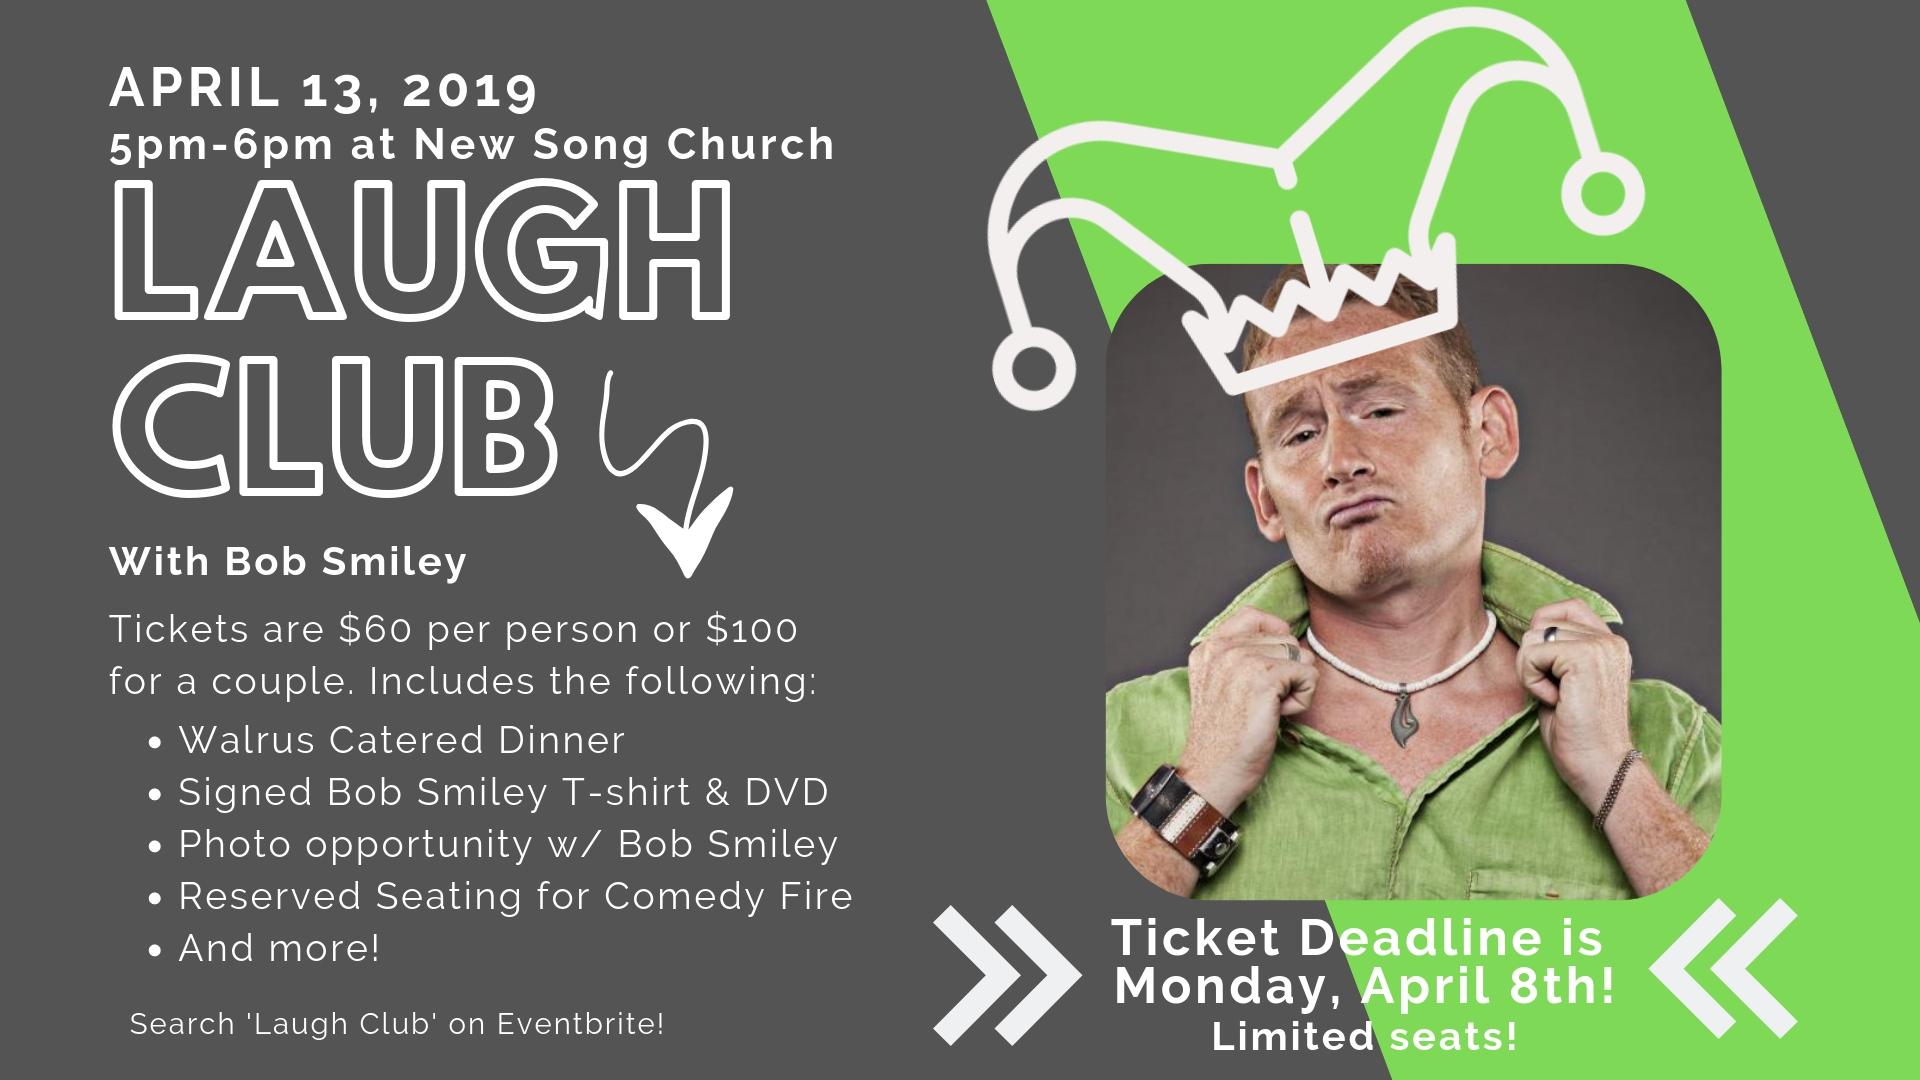 Laugh Club slide [4.13.19].jpg